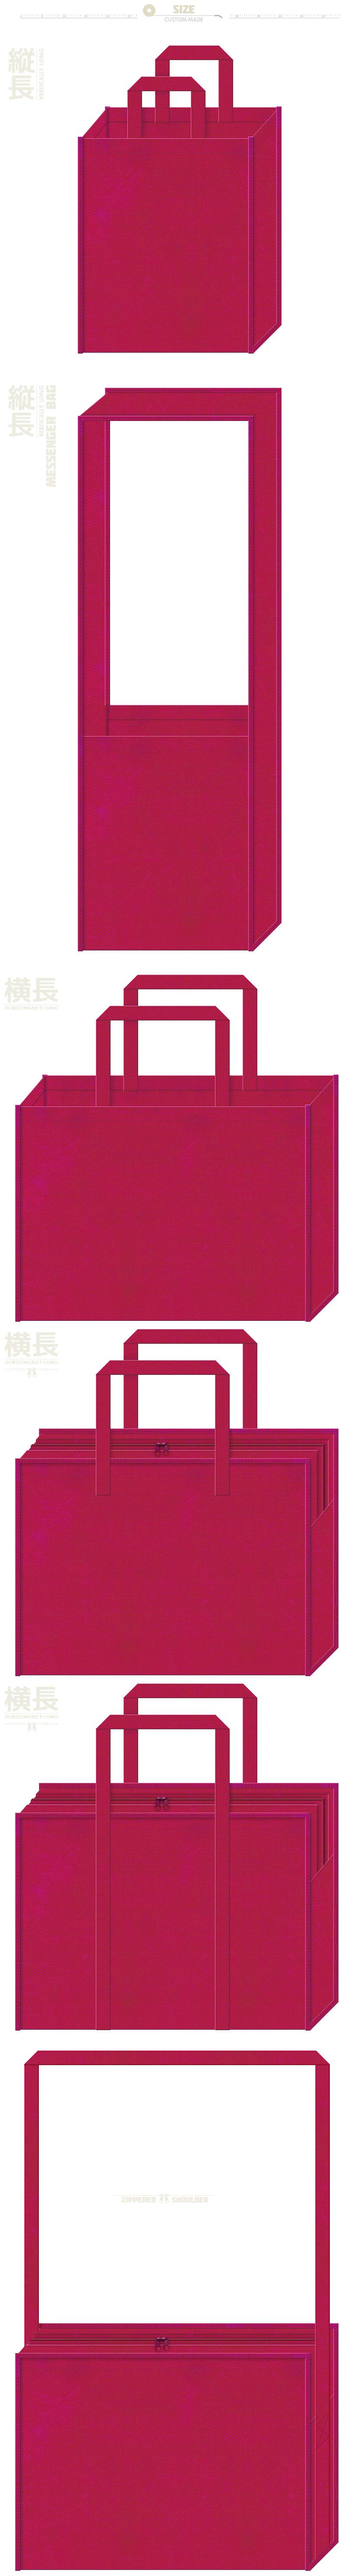 濃いピンク色の不織布バッグにお奨めのイメージ:カクテル・ドレス・薔薇・ダリア・ハイビスカス・ブーゲンビリア・ブーケ・梅・ドライフラワー・フラミンゴ・宝石・ピンクトルマリン・ハート・バレンタイン・ストロベリー・インテリア・ドール・ウィッグ・ネイル・カラコン